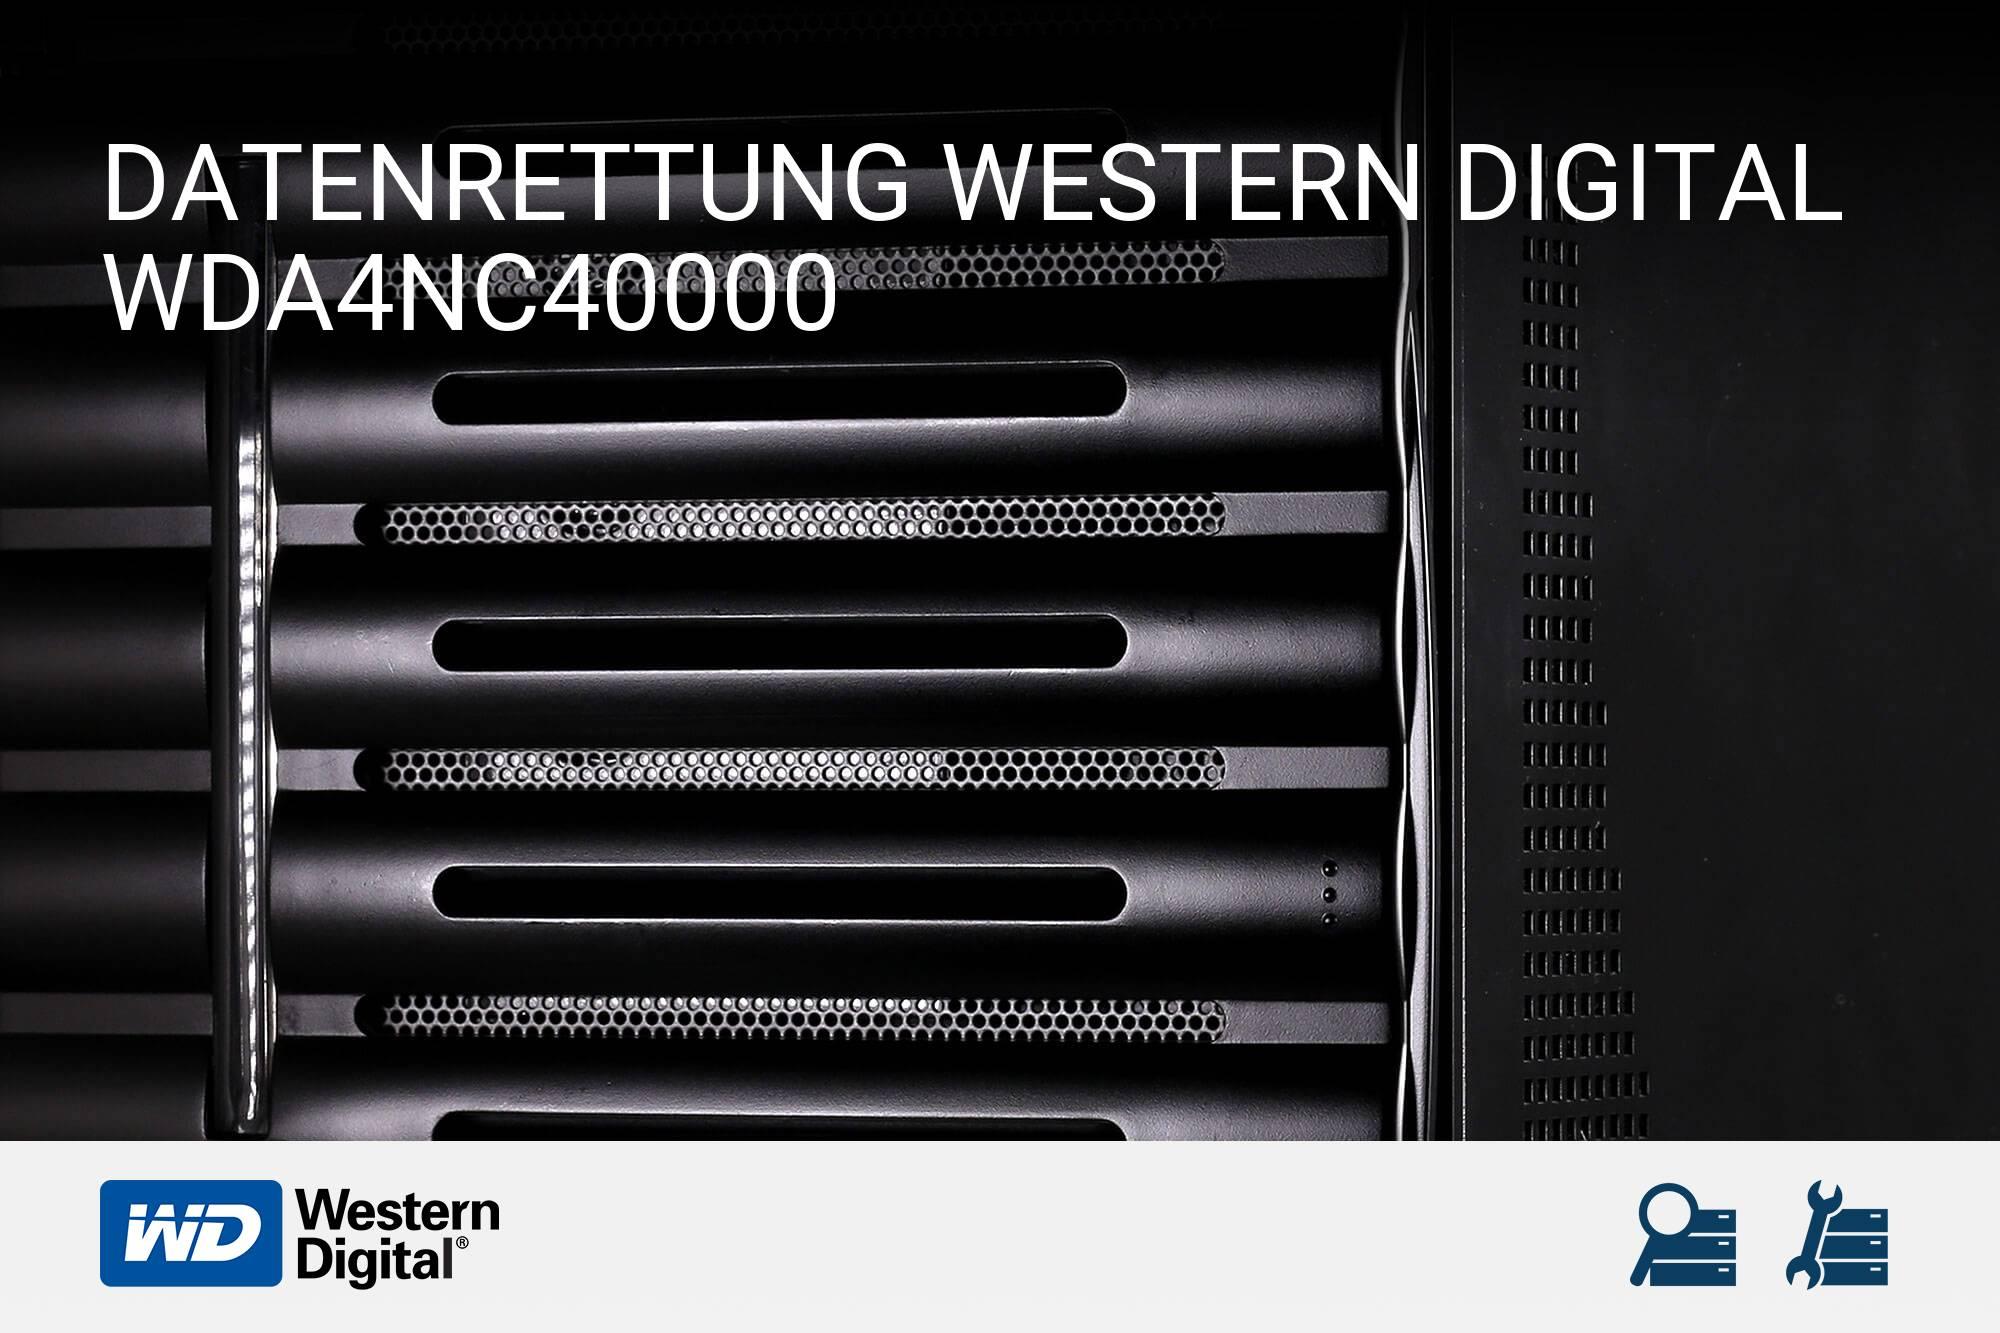 Western Digital WDA4NC40000